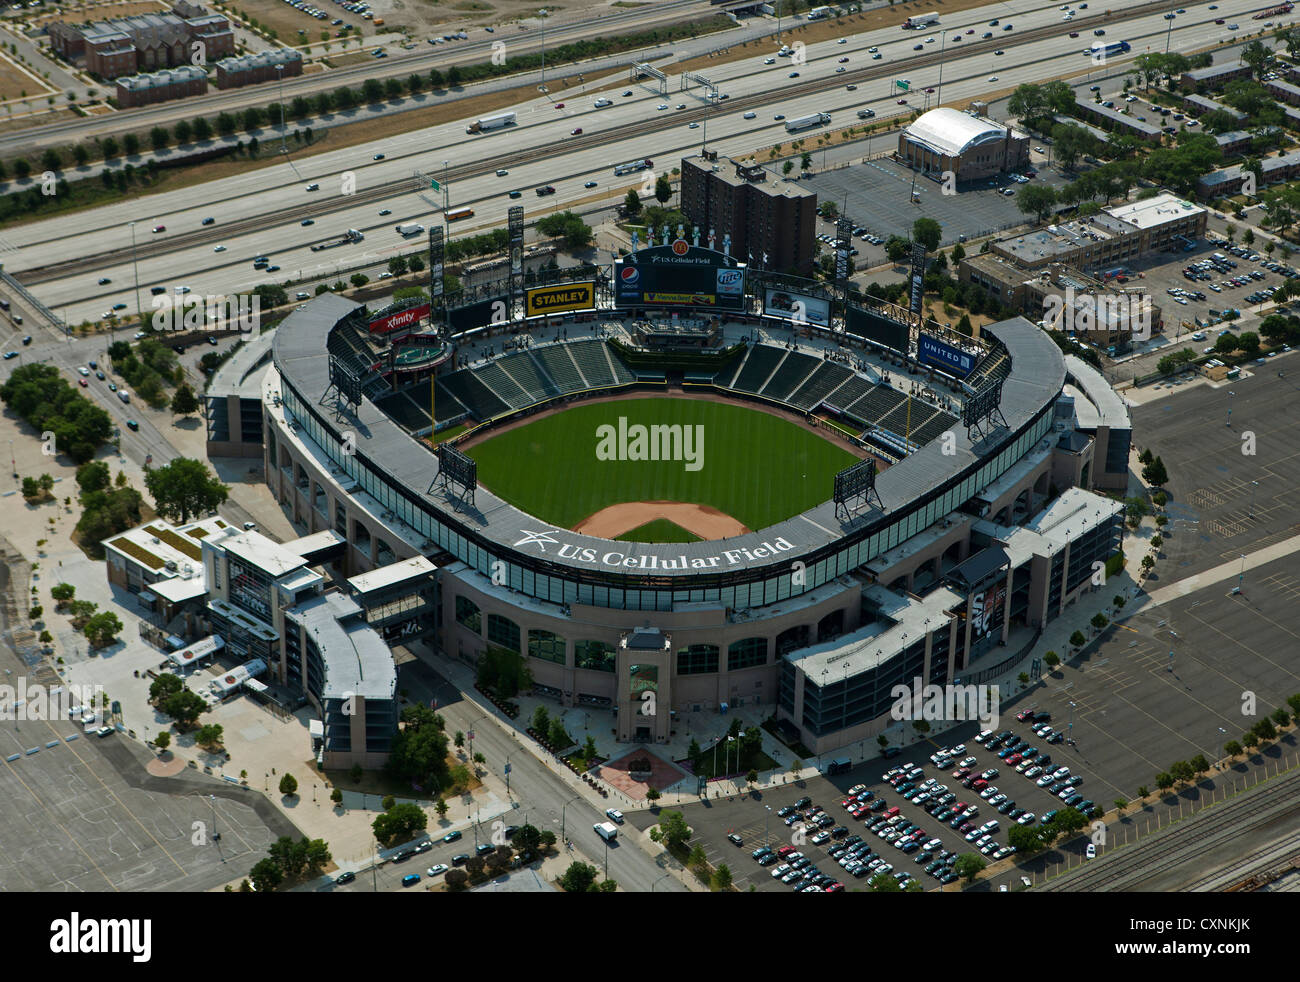 Fotografía aérea U.S. Cellular Field, Cominsky Park, Chicago, Illinois Imagen De Stock